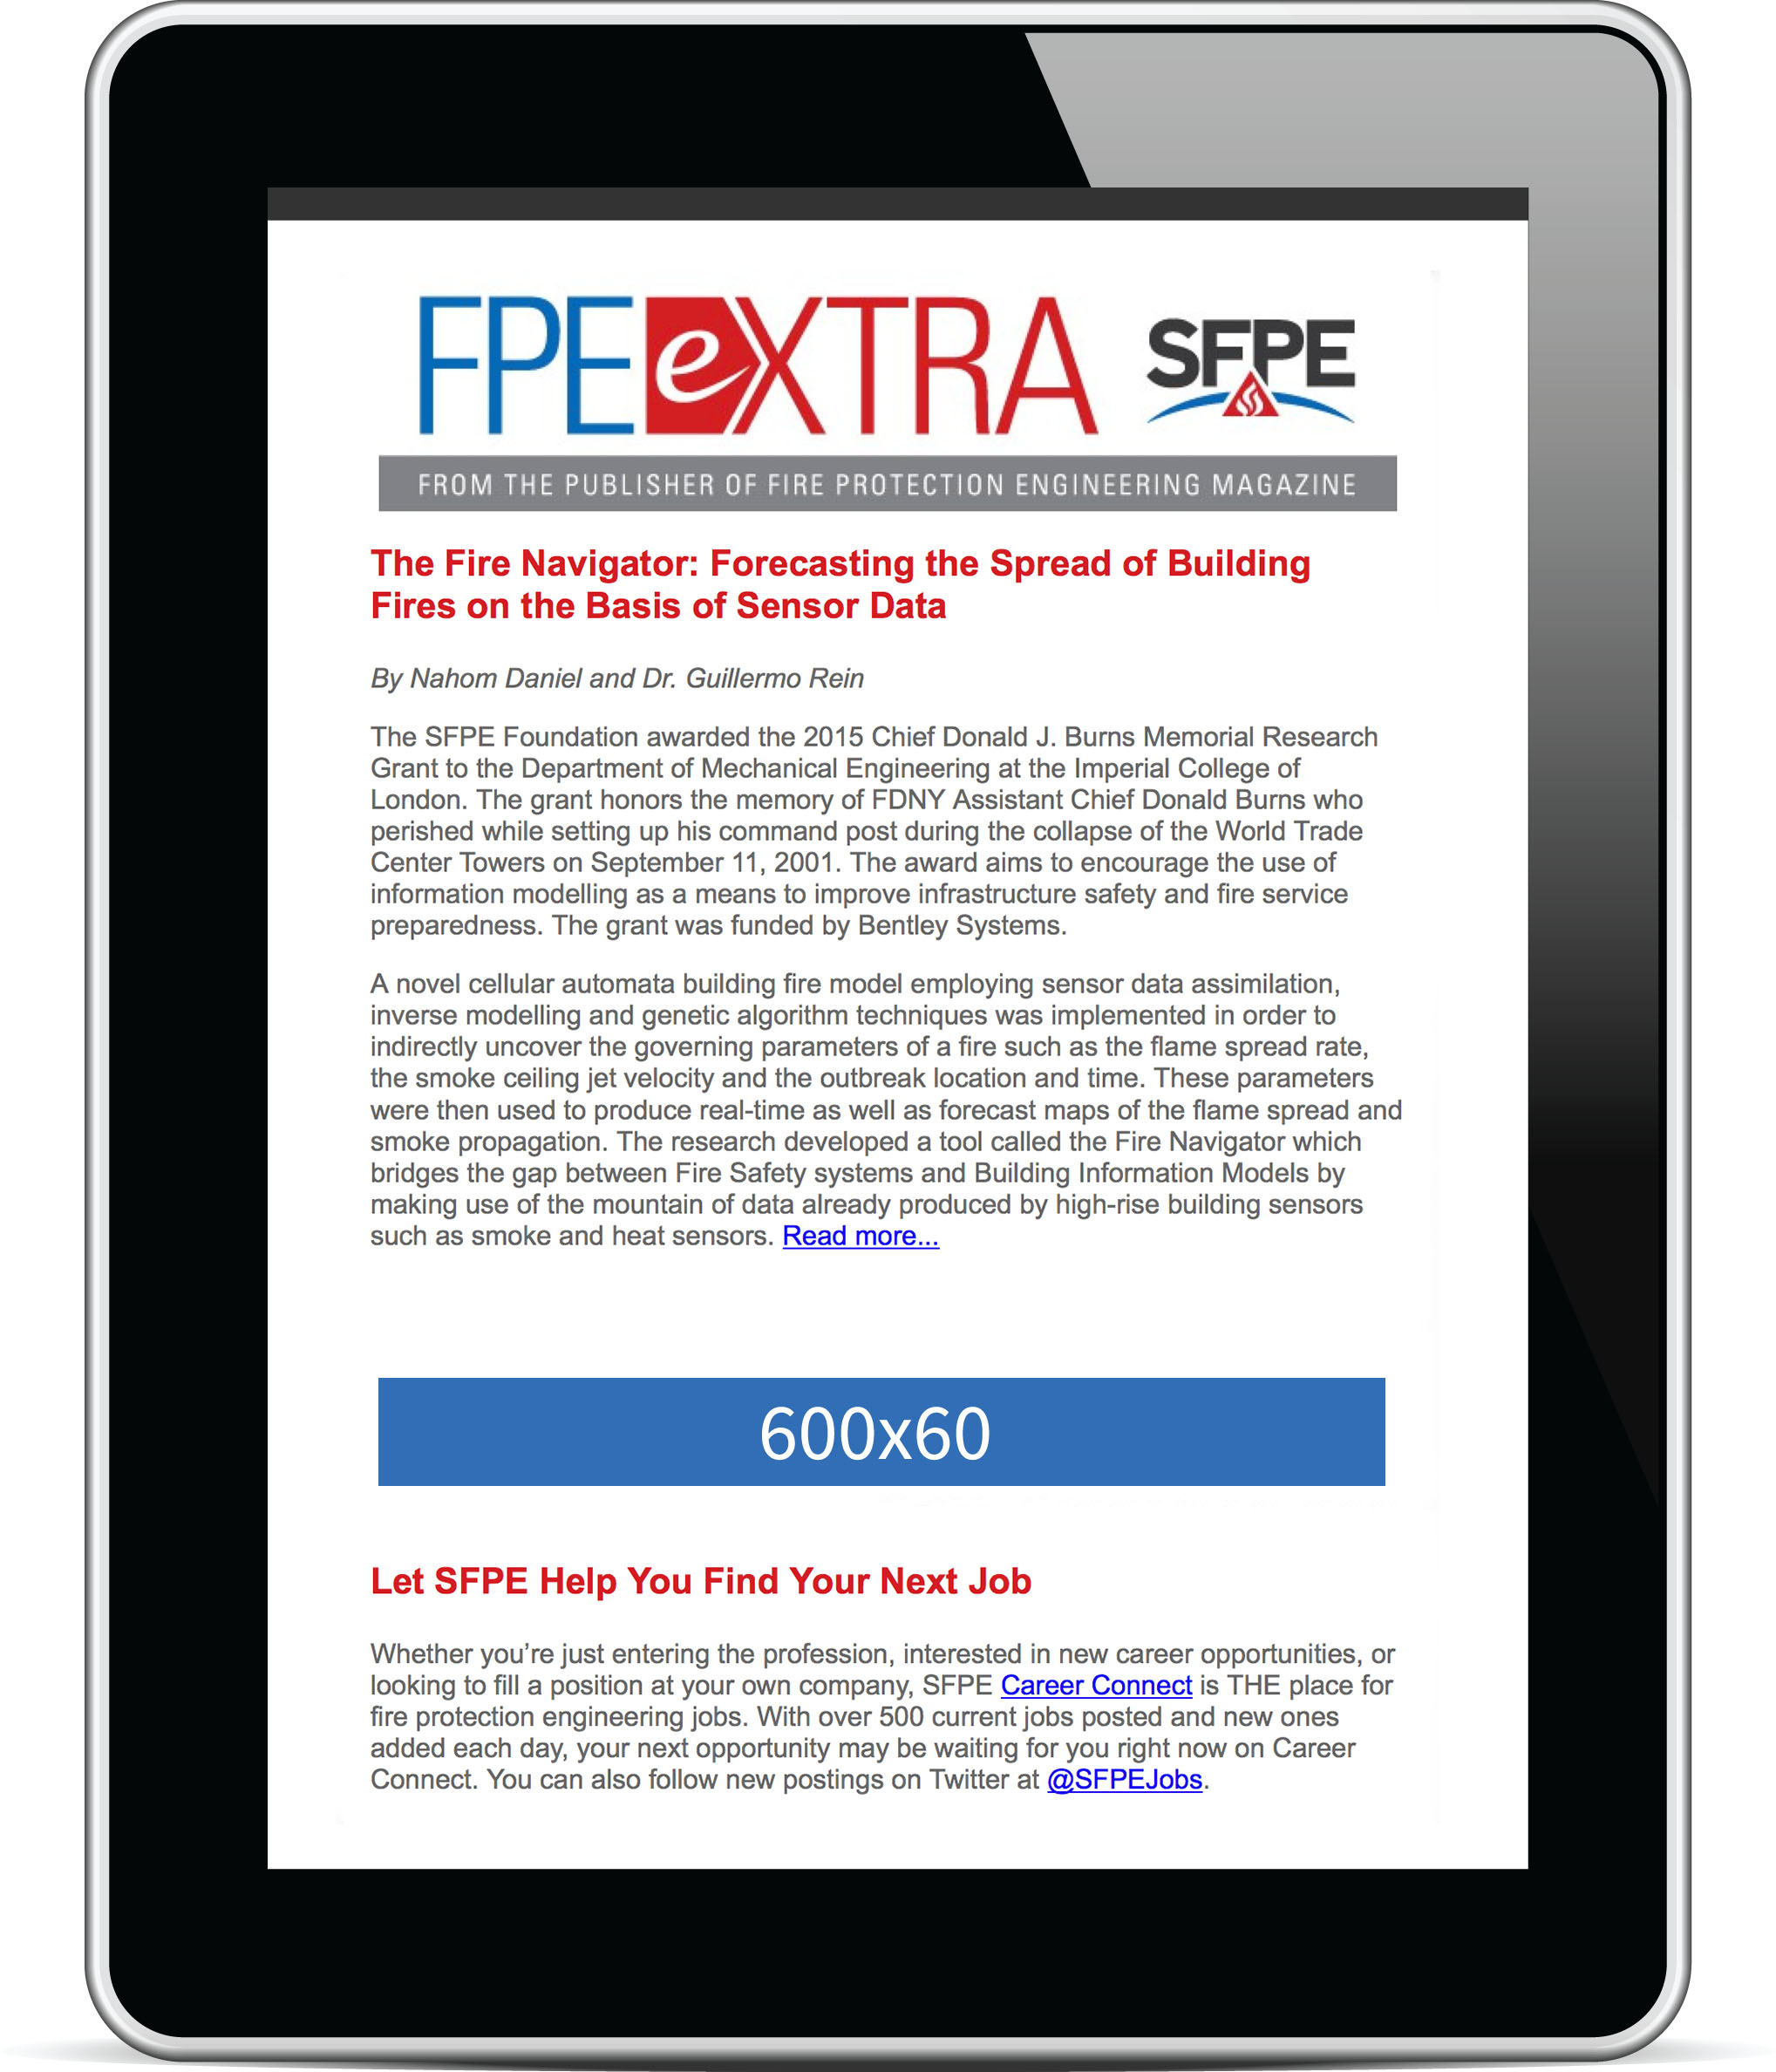 e-news-FPE-extra.jpg